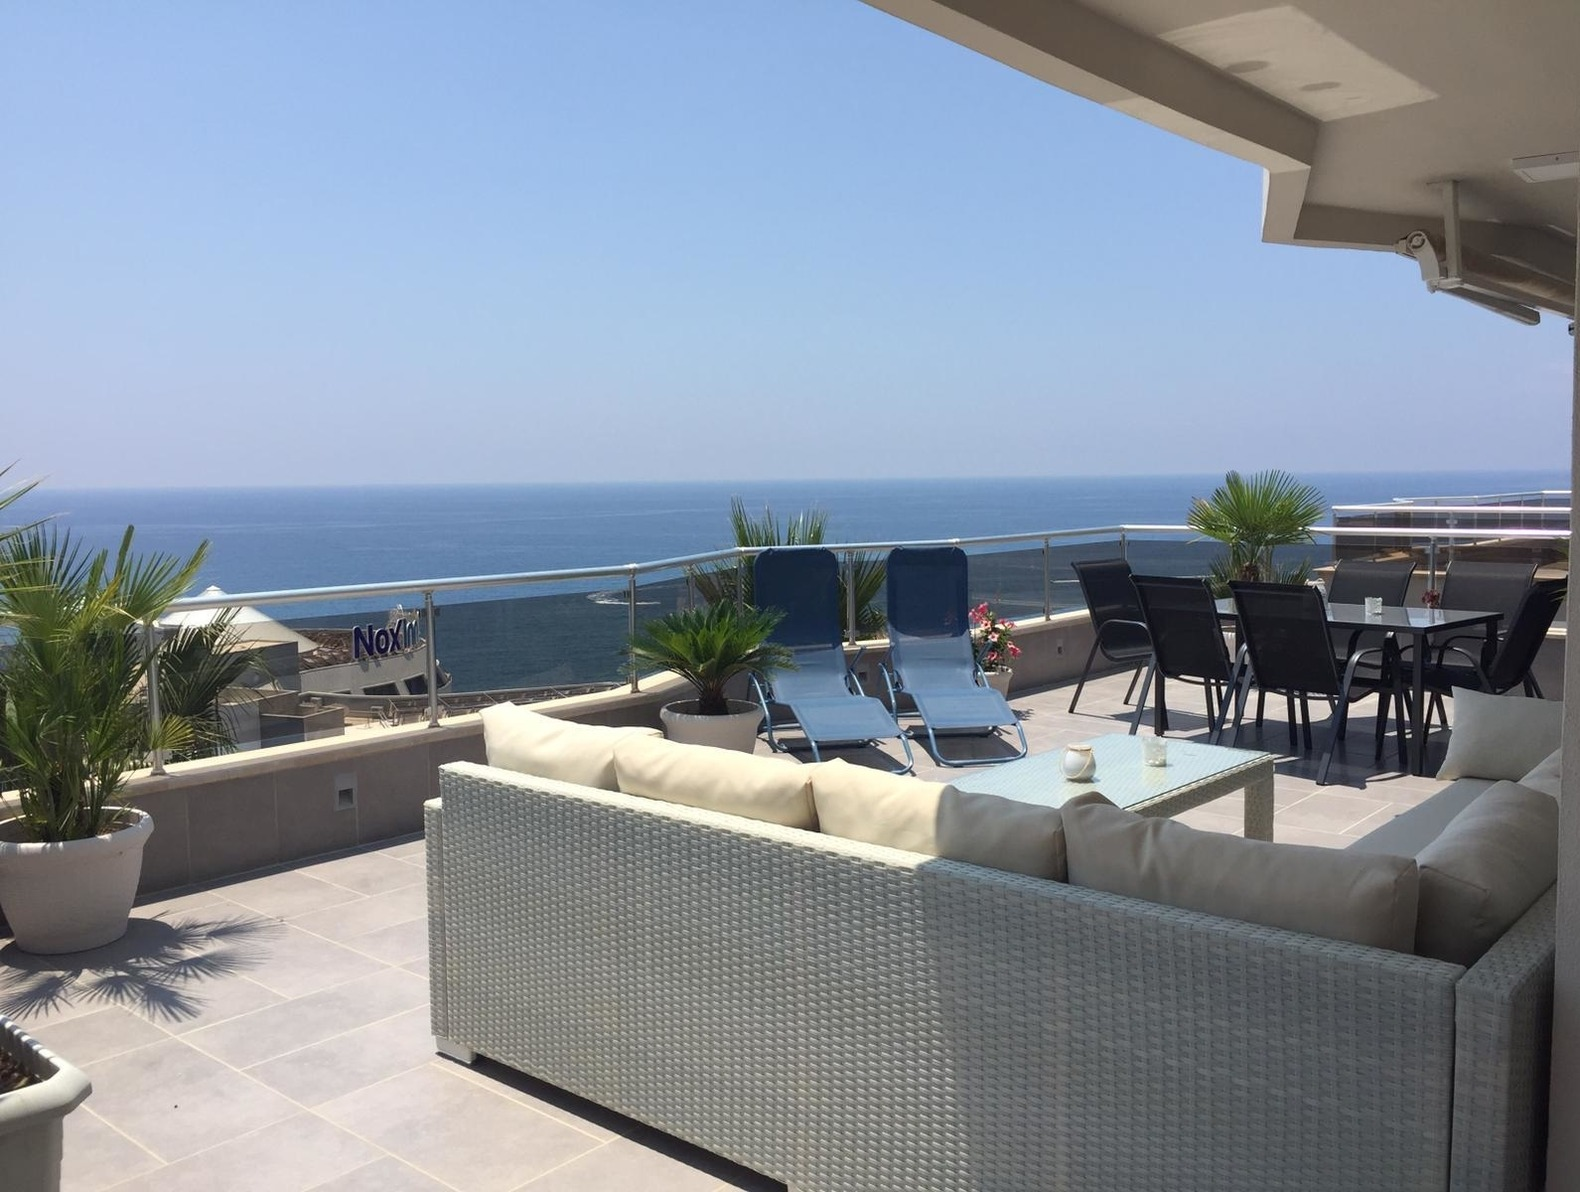 4 N Suite Ferienwohnung in Türkei